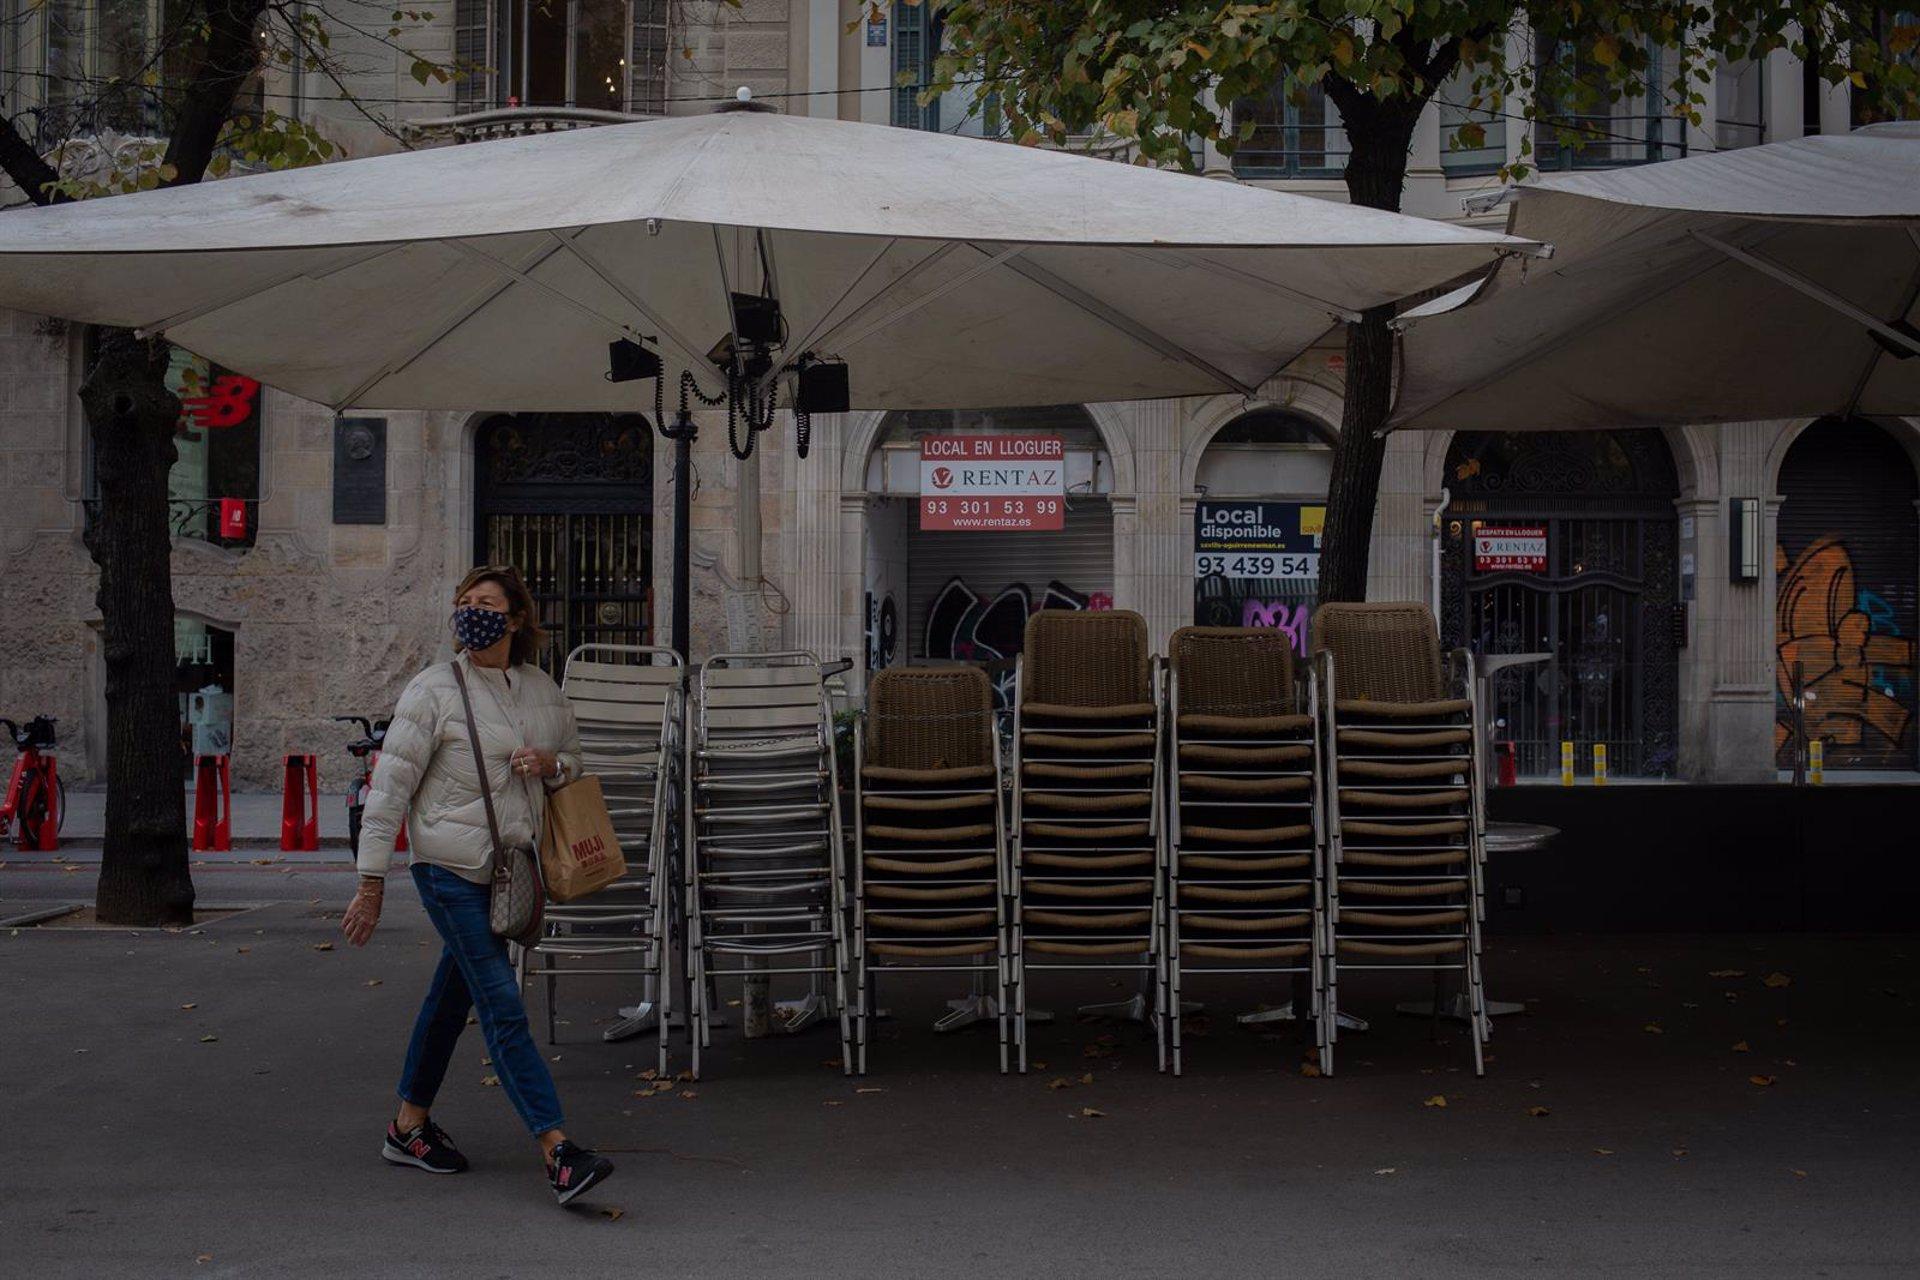 Un juez obliga a una aseguradora a pagar 80.000 euros a un restaurante por el cierre en pandemia